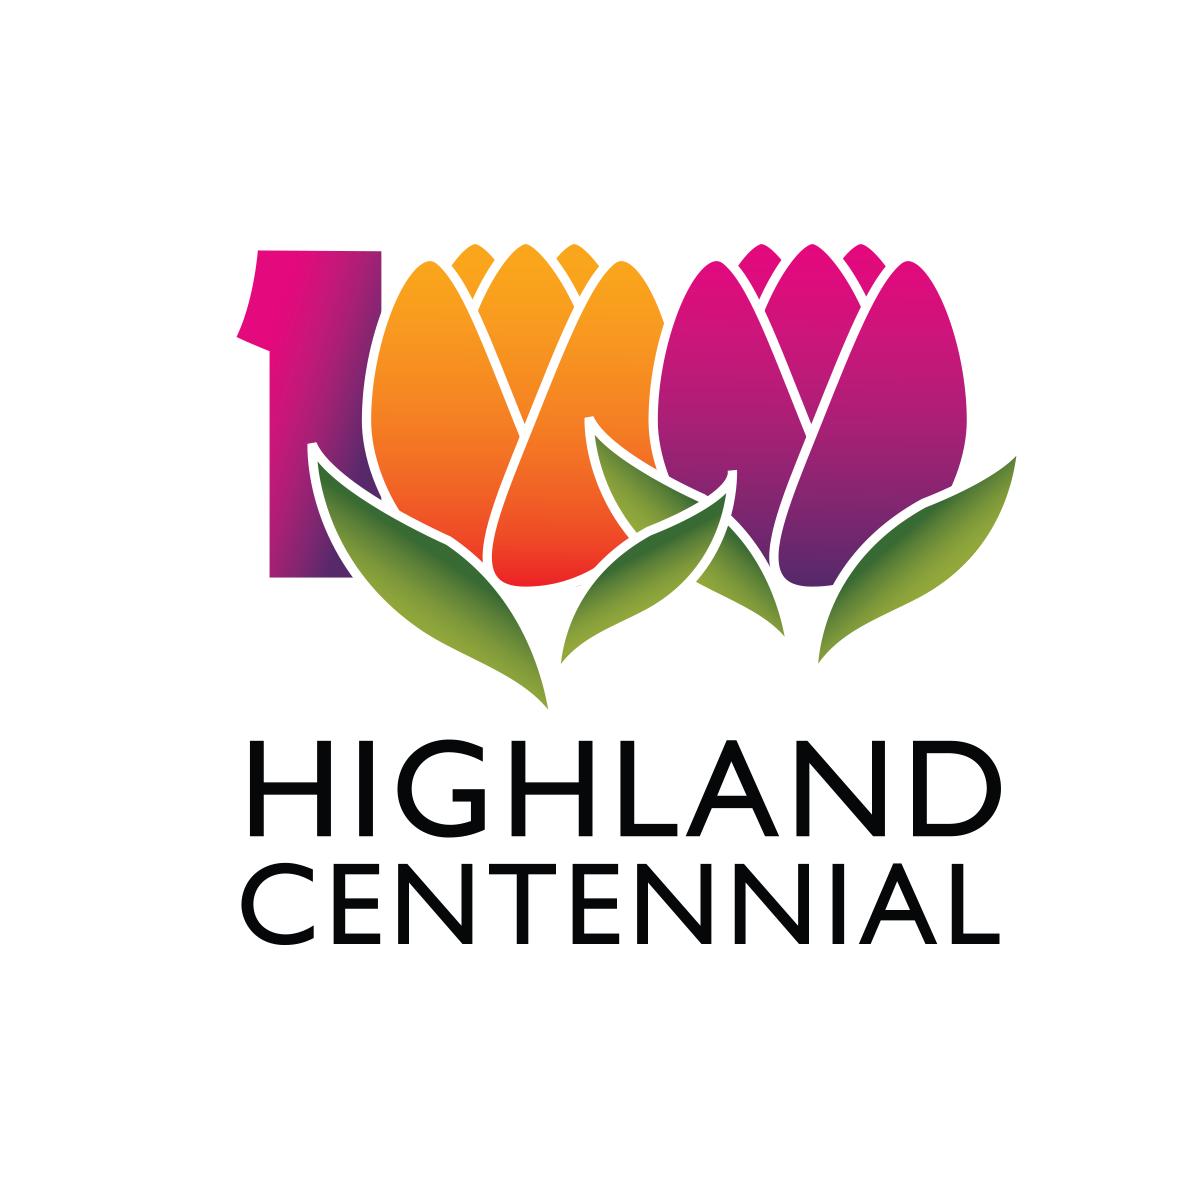 Town of Highland Centennial